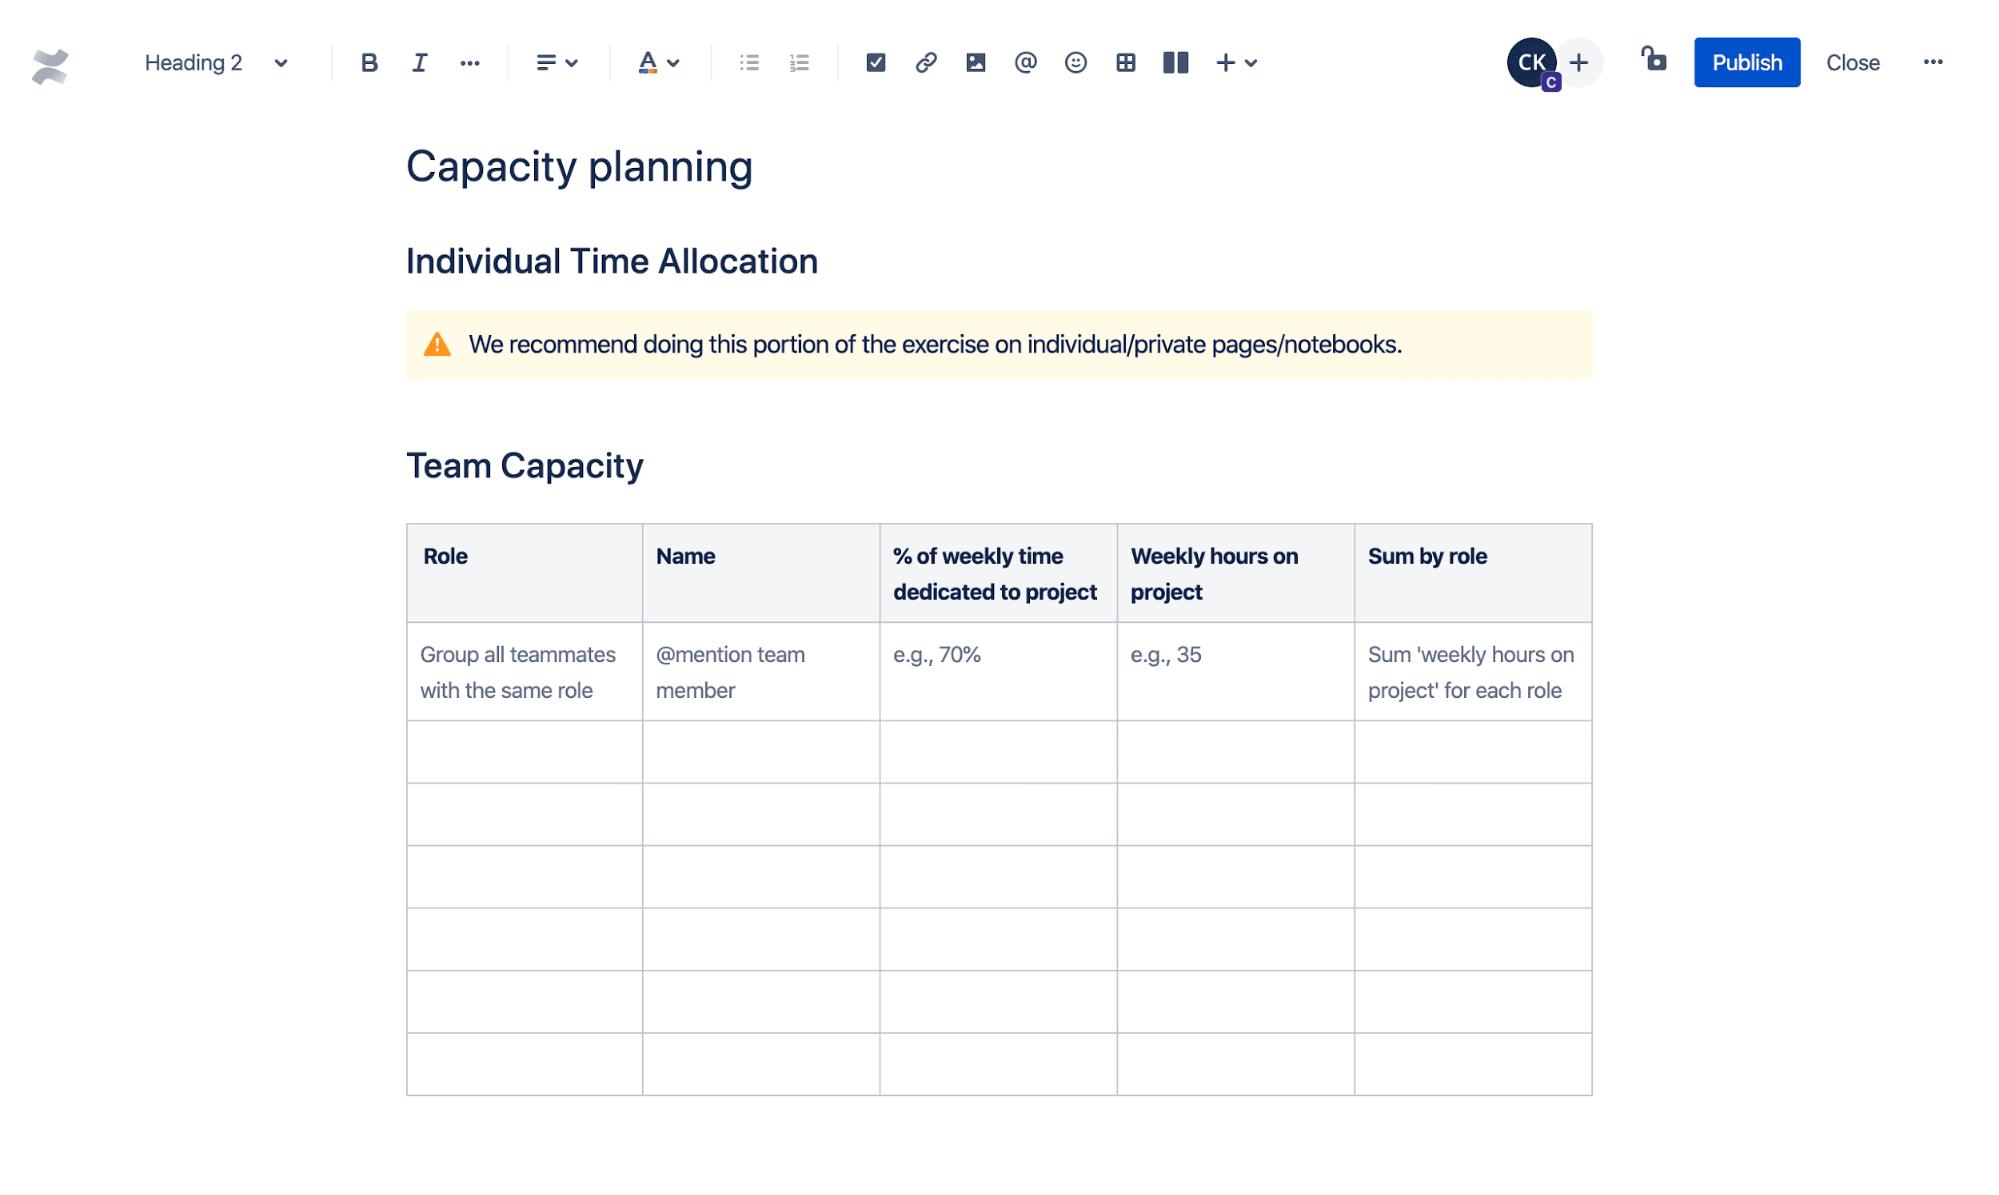 Документ о планировании производительности